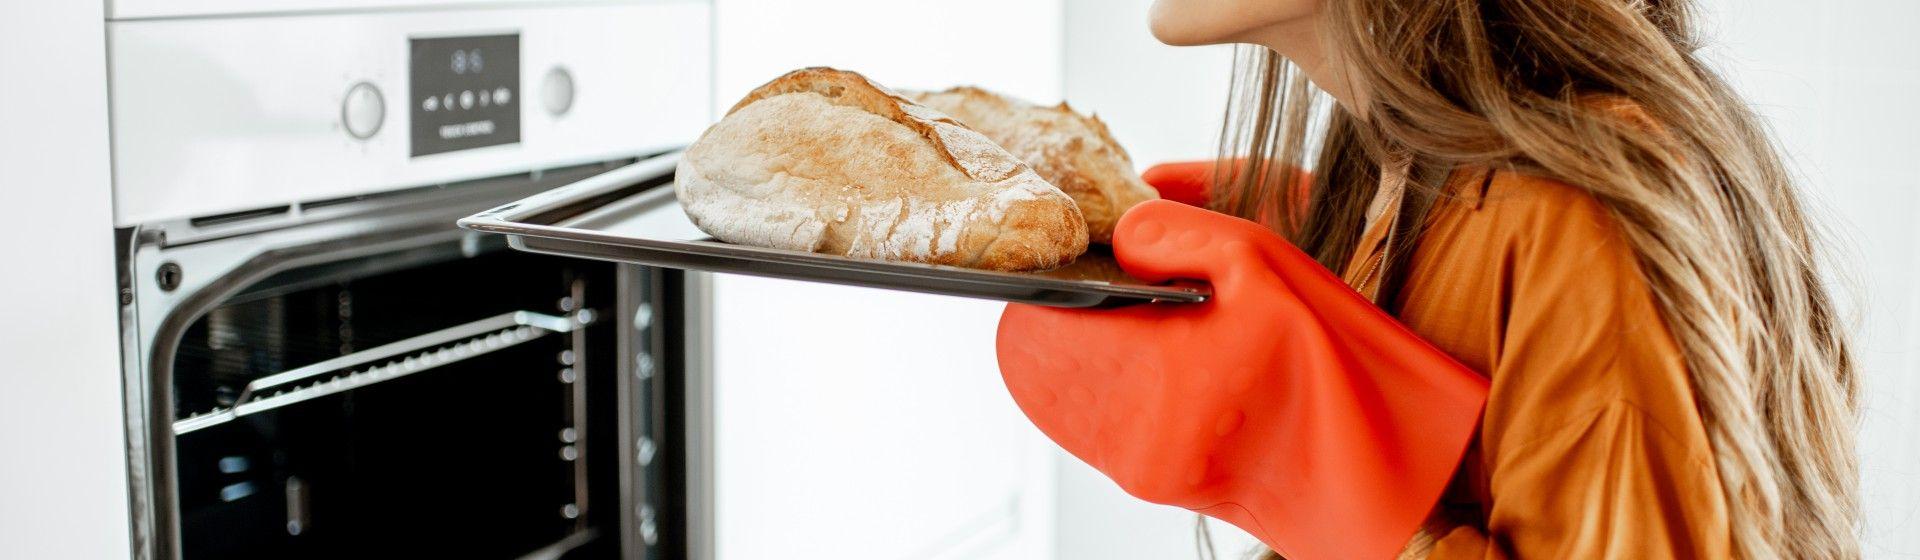 Pão feito em casa: 5 dicas e produtos que vão deixar seu pão crocante e macio